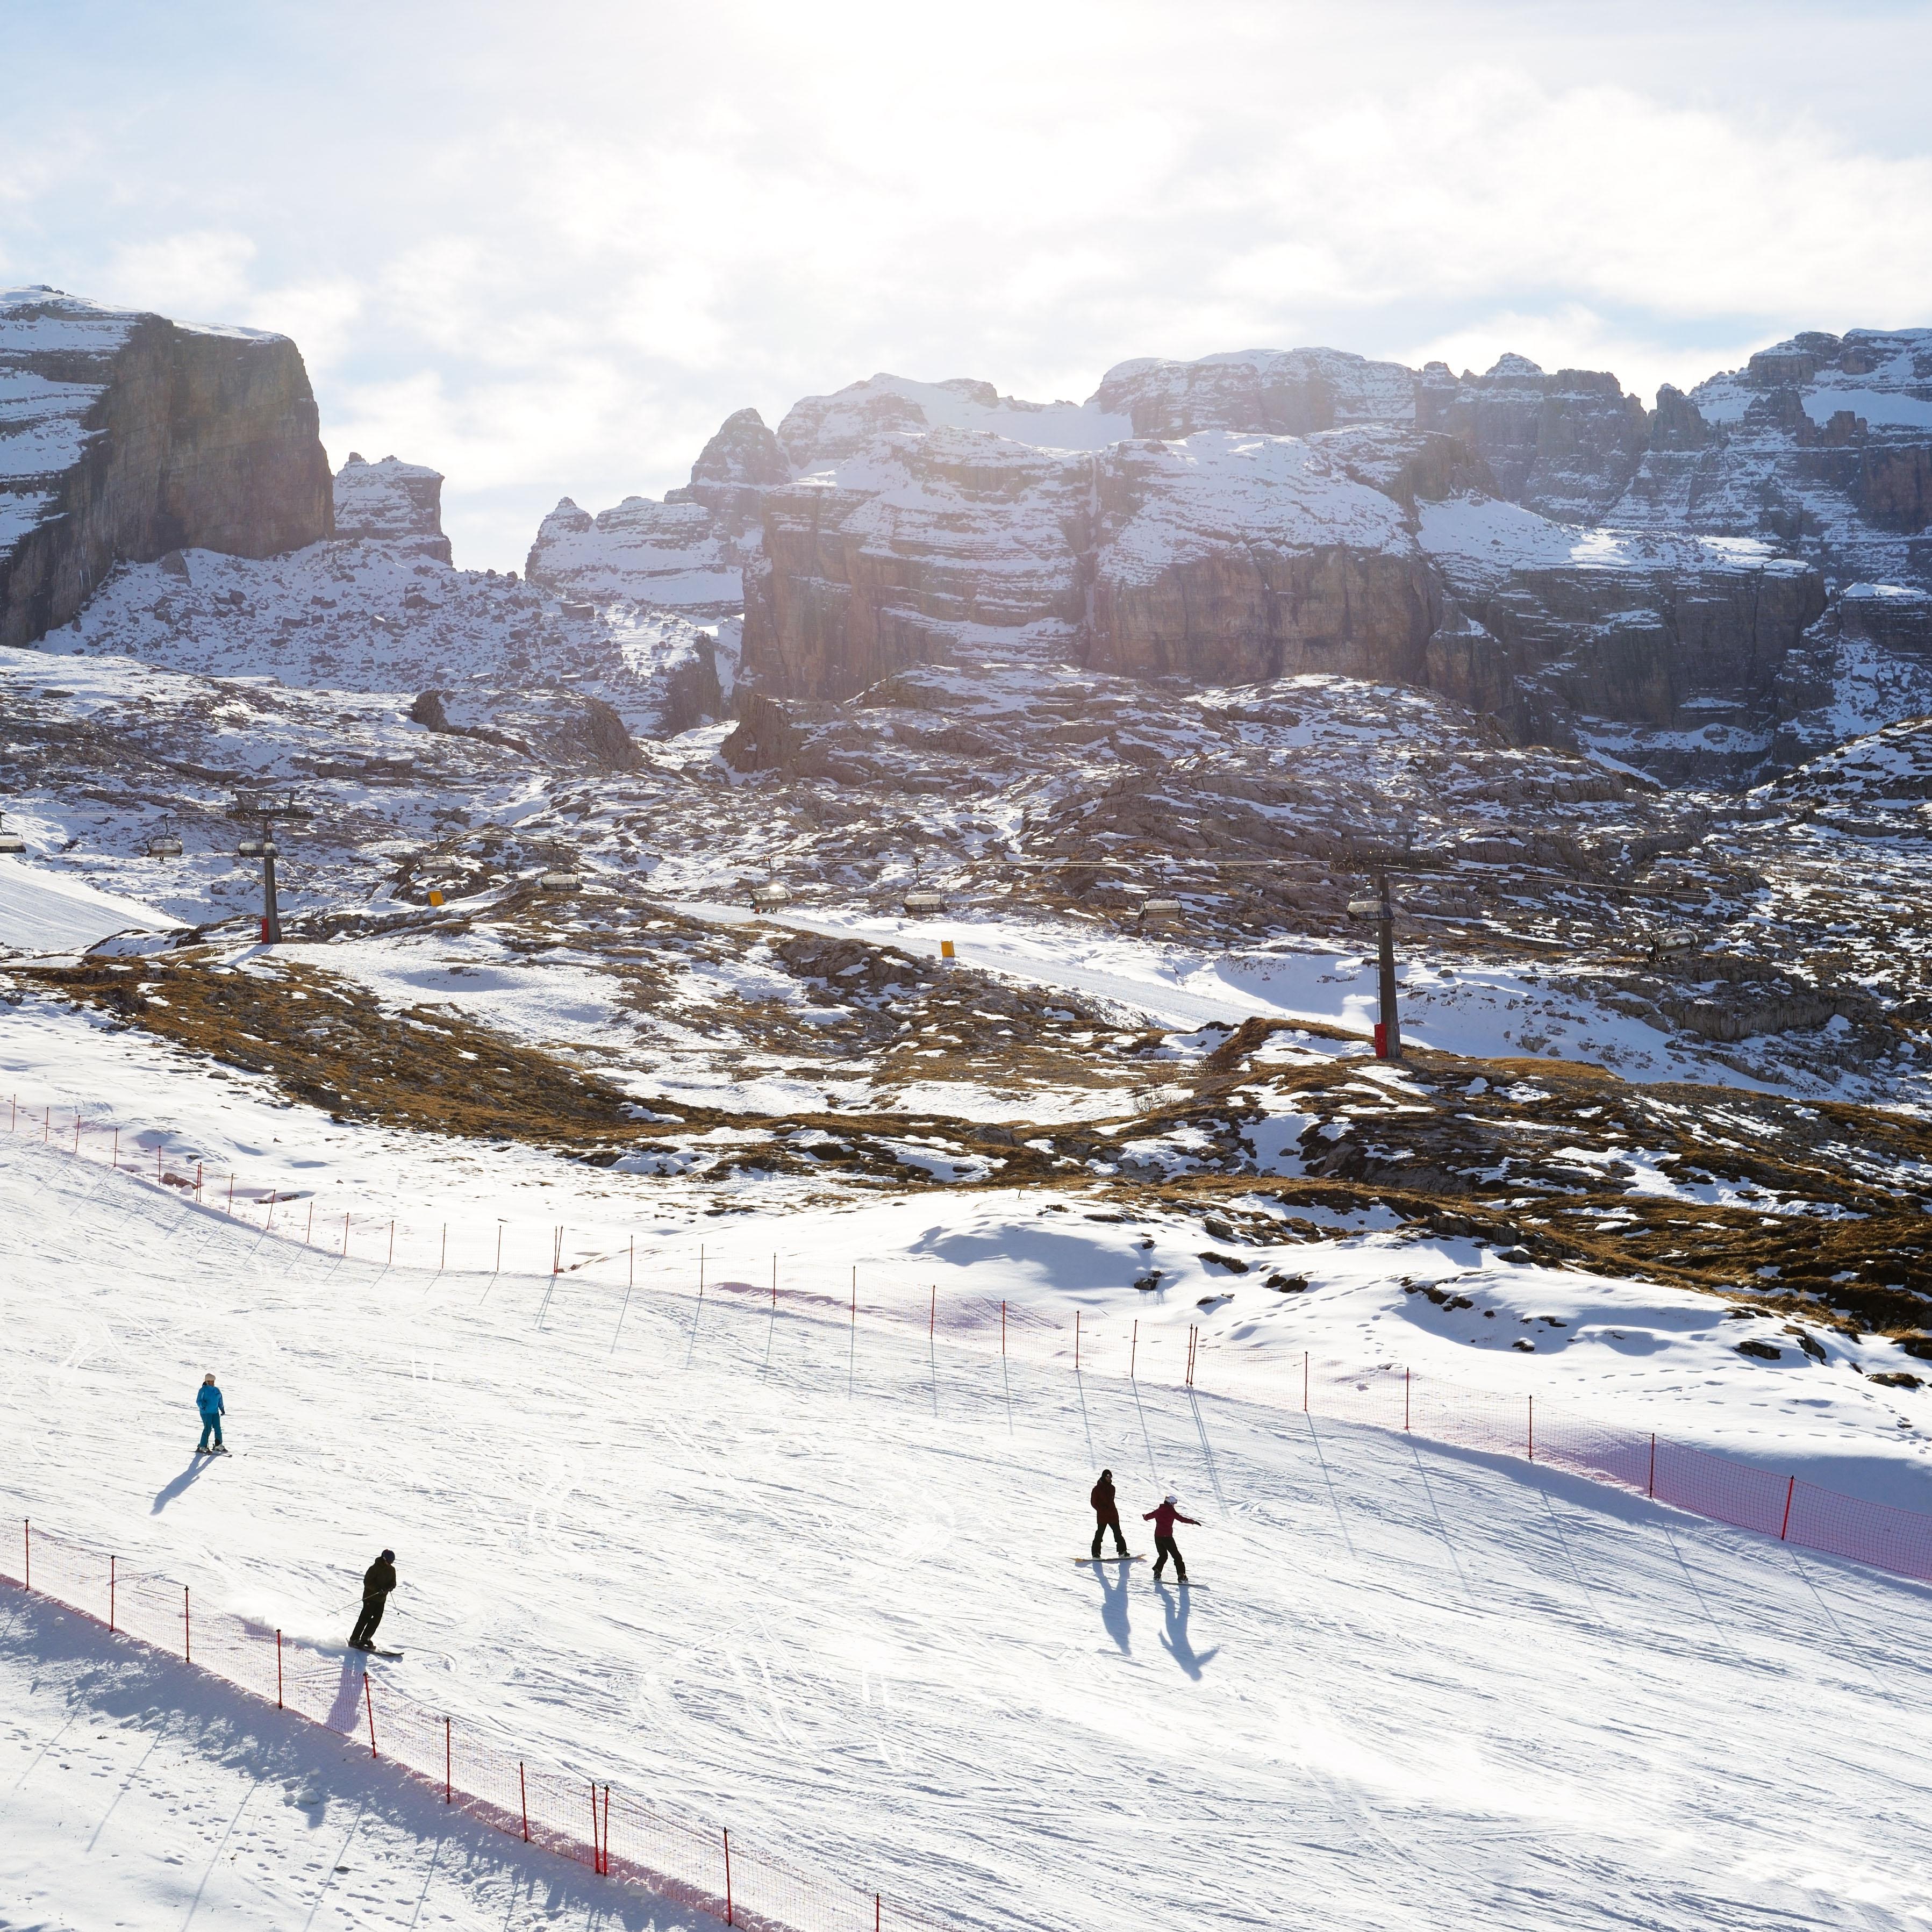 ski area dolomiti